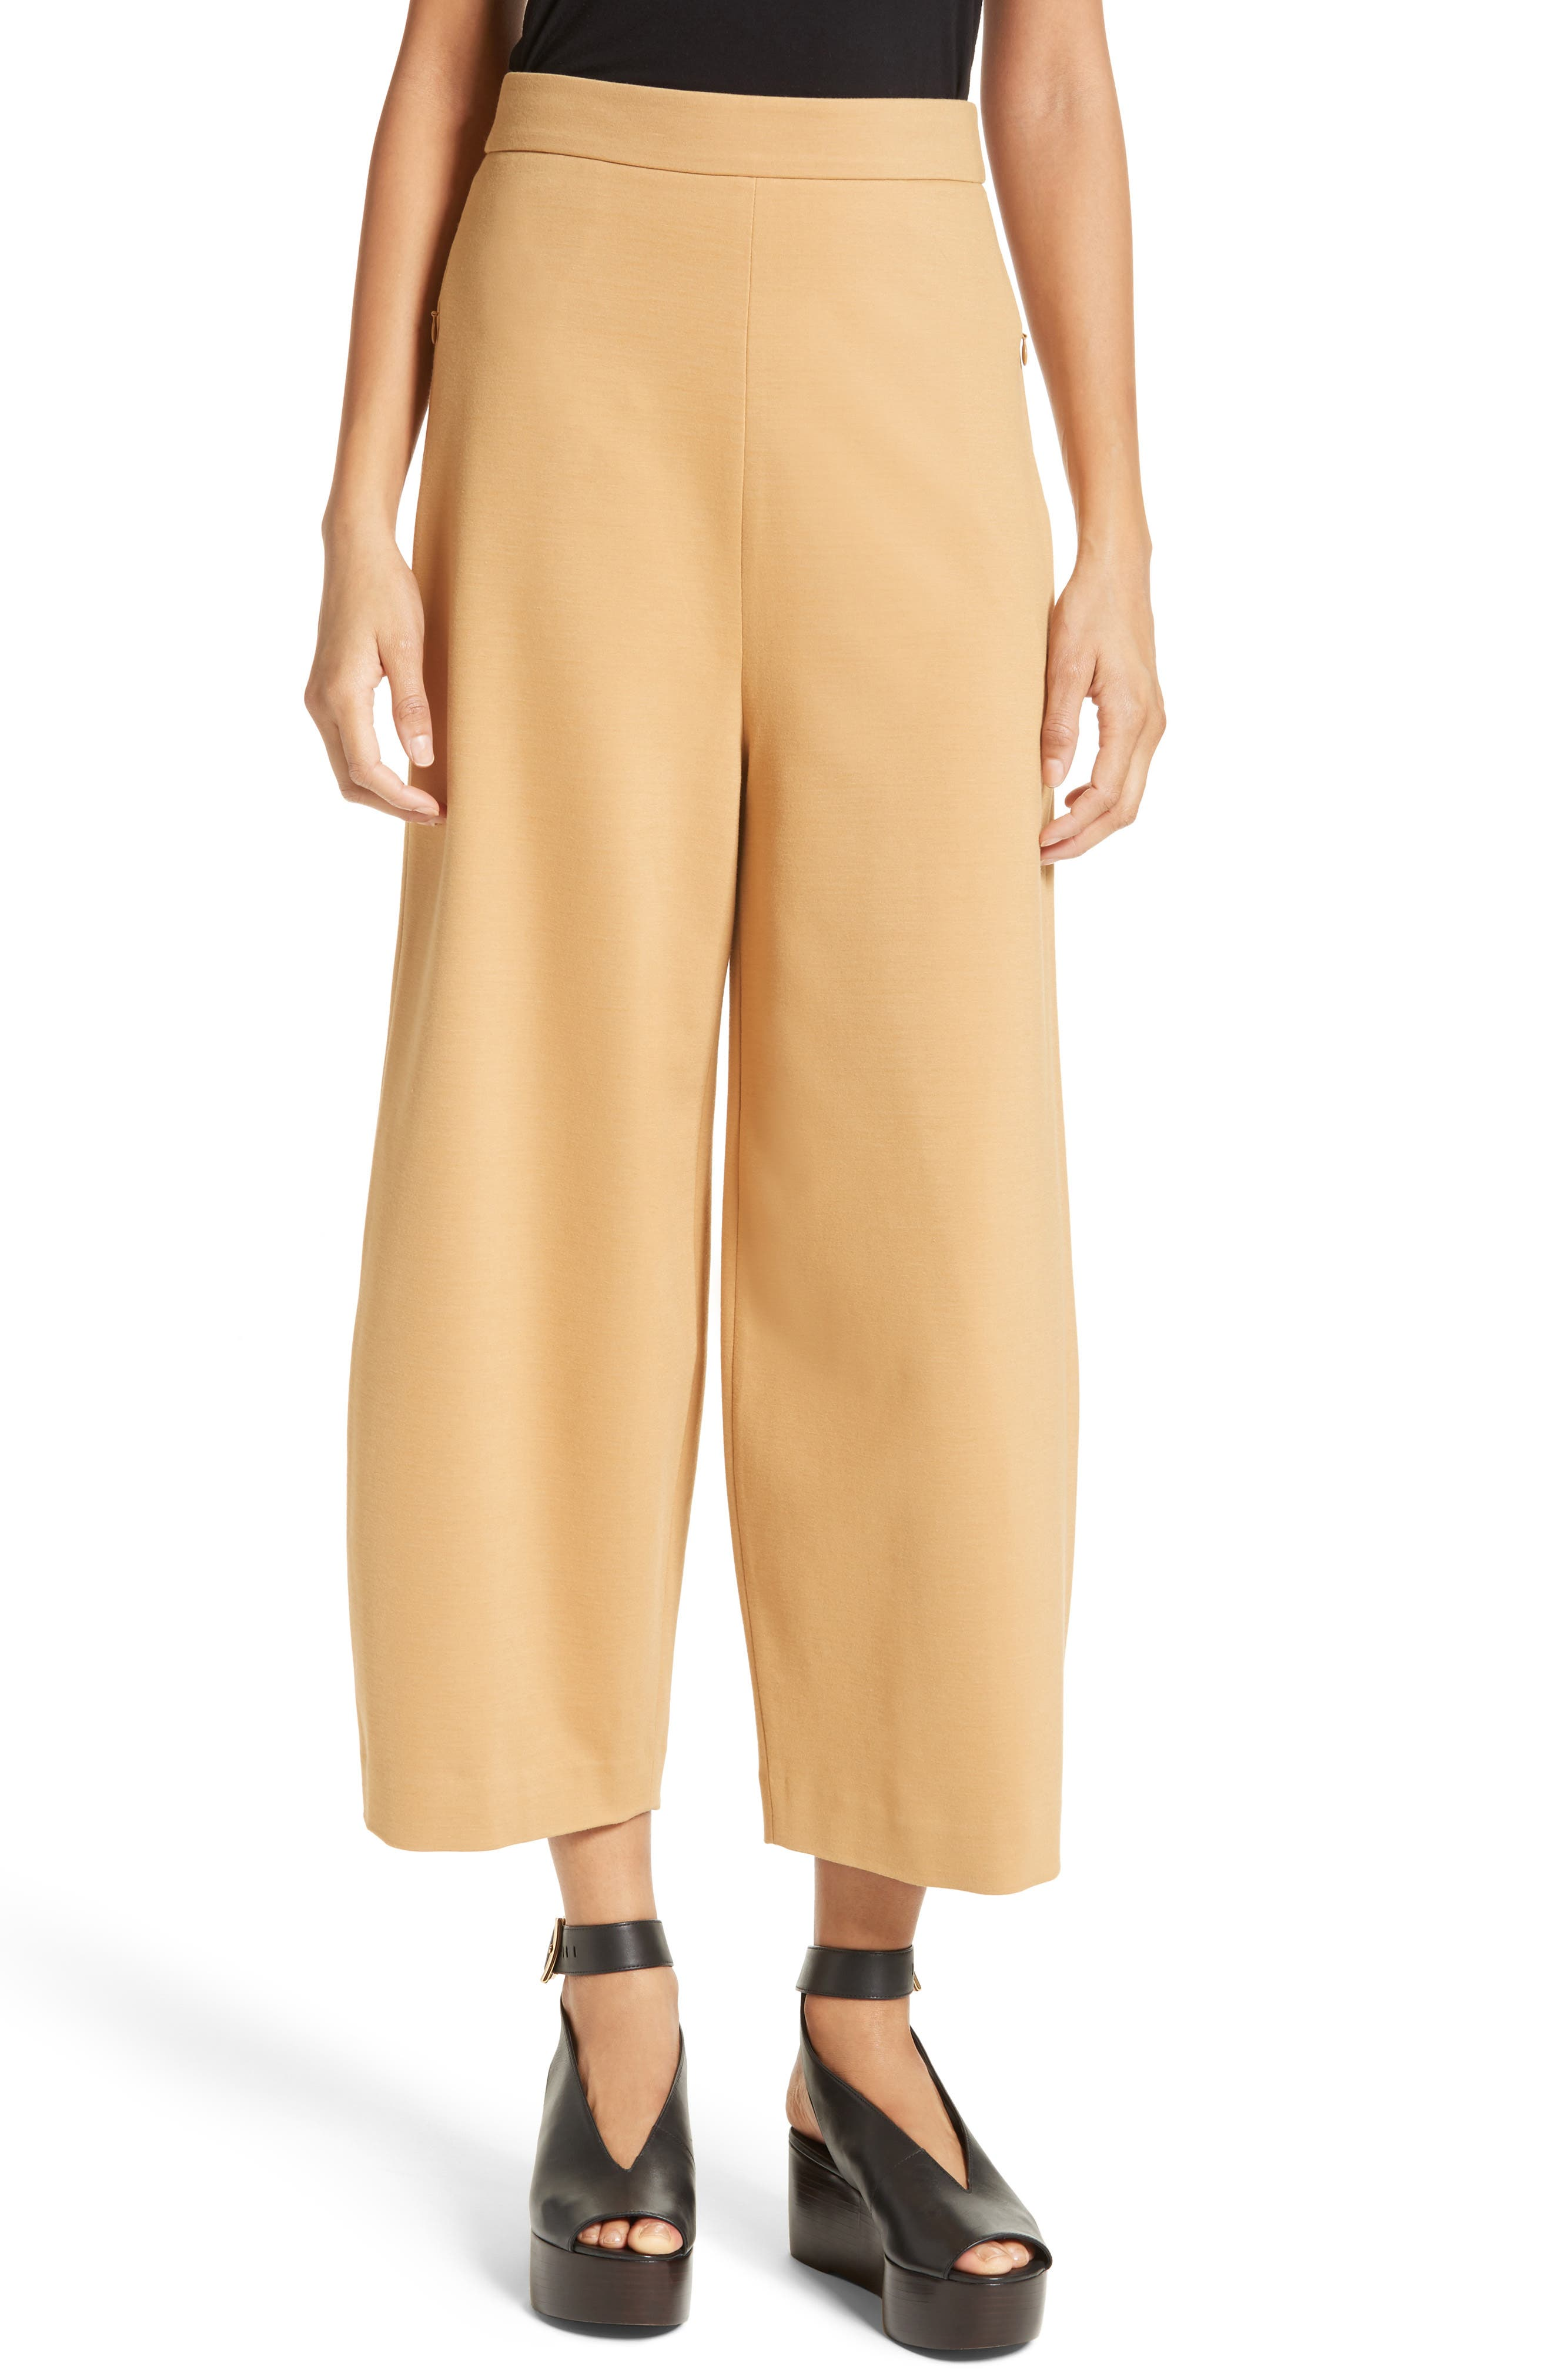 High Rise Knit Crop Wide Leg Pants,                             Main thumbnail 1, color,                             246